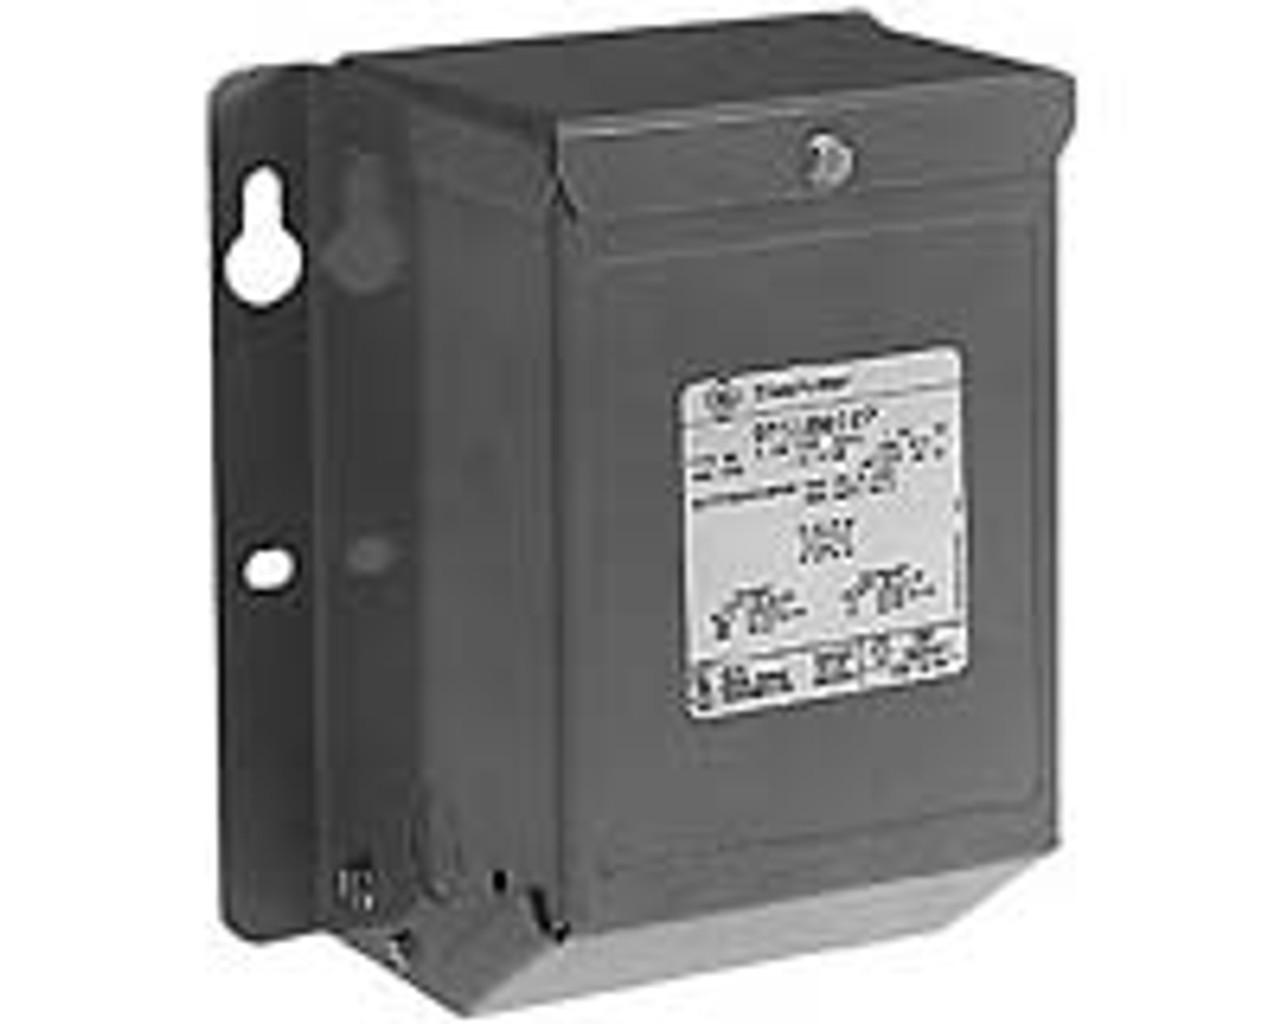 GE 9T51B0102 - 0.05 KVA 120x240 TO 12x24 VOLTS 1PH TRANSFORMER